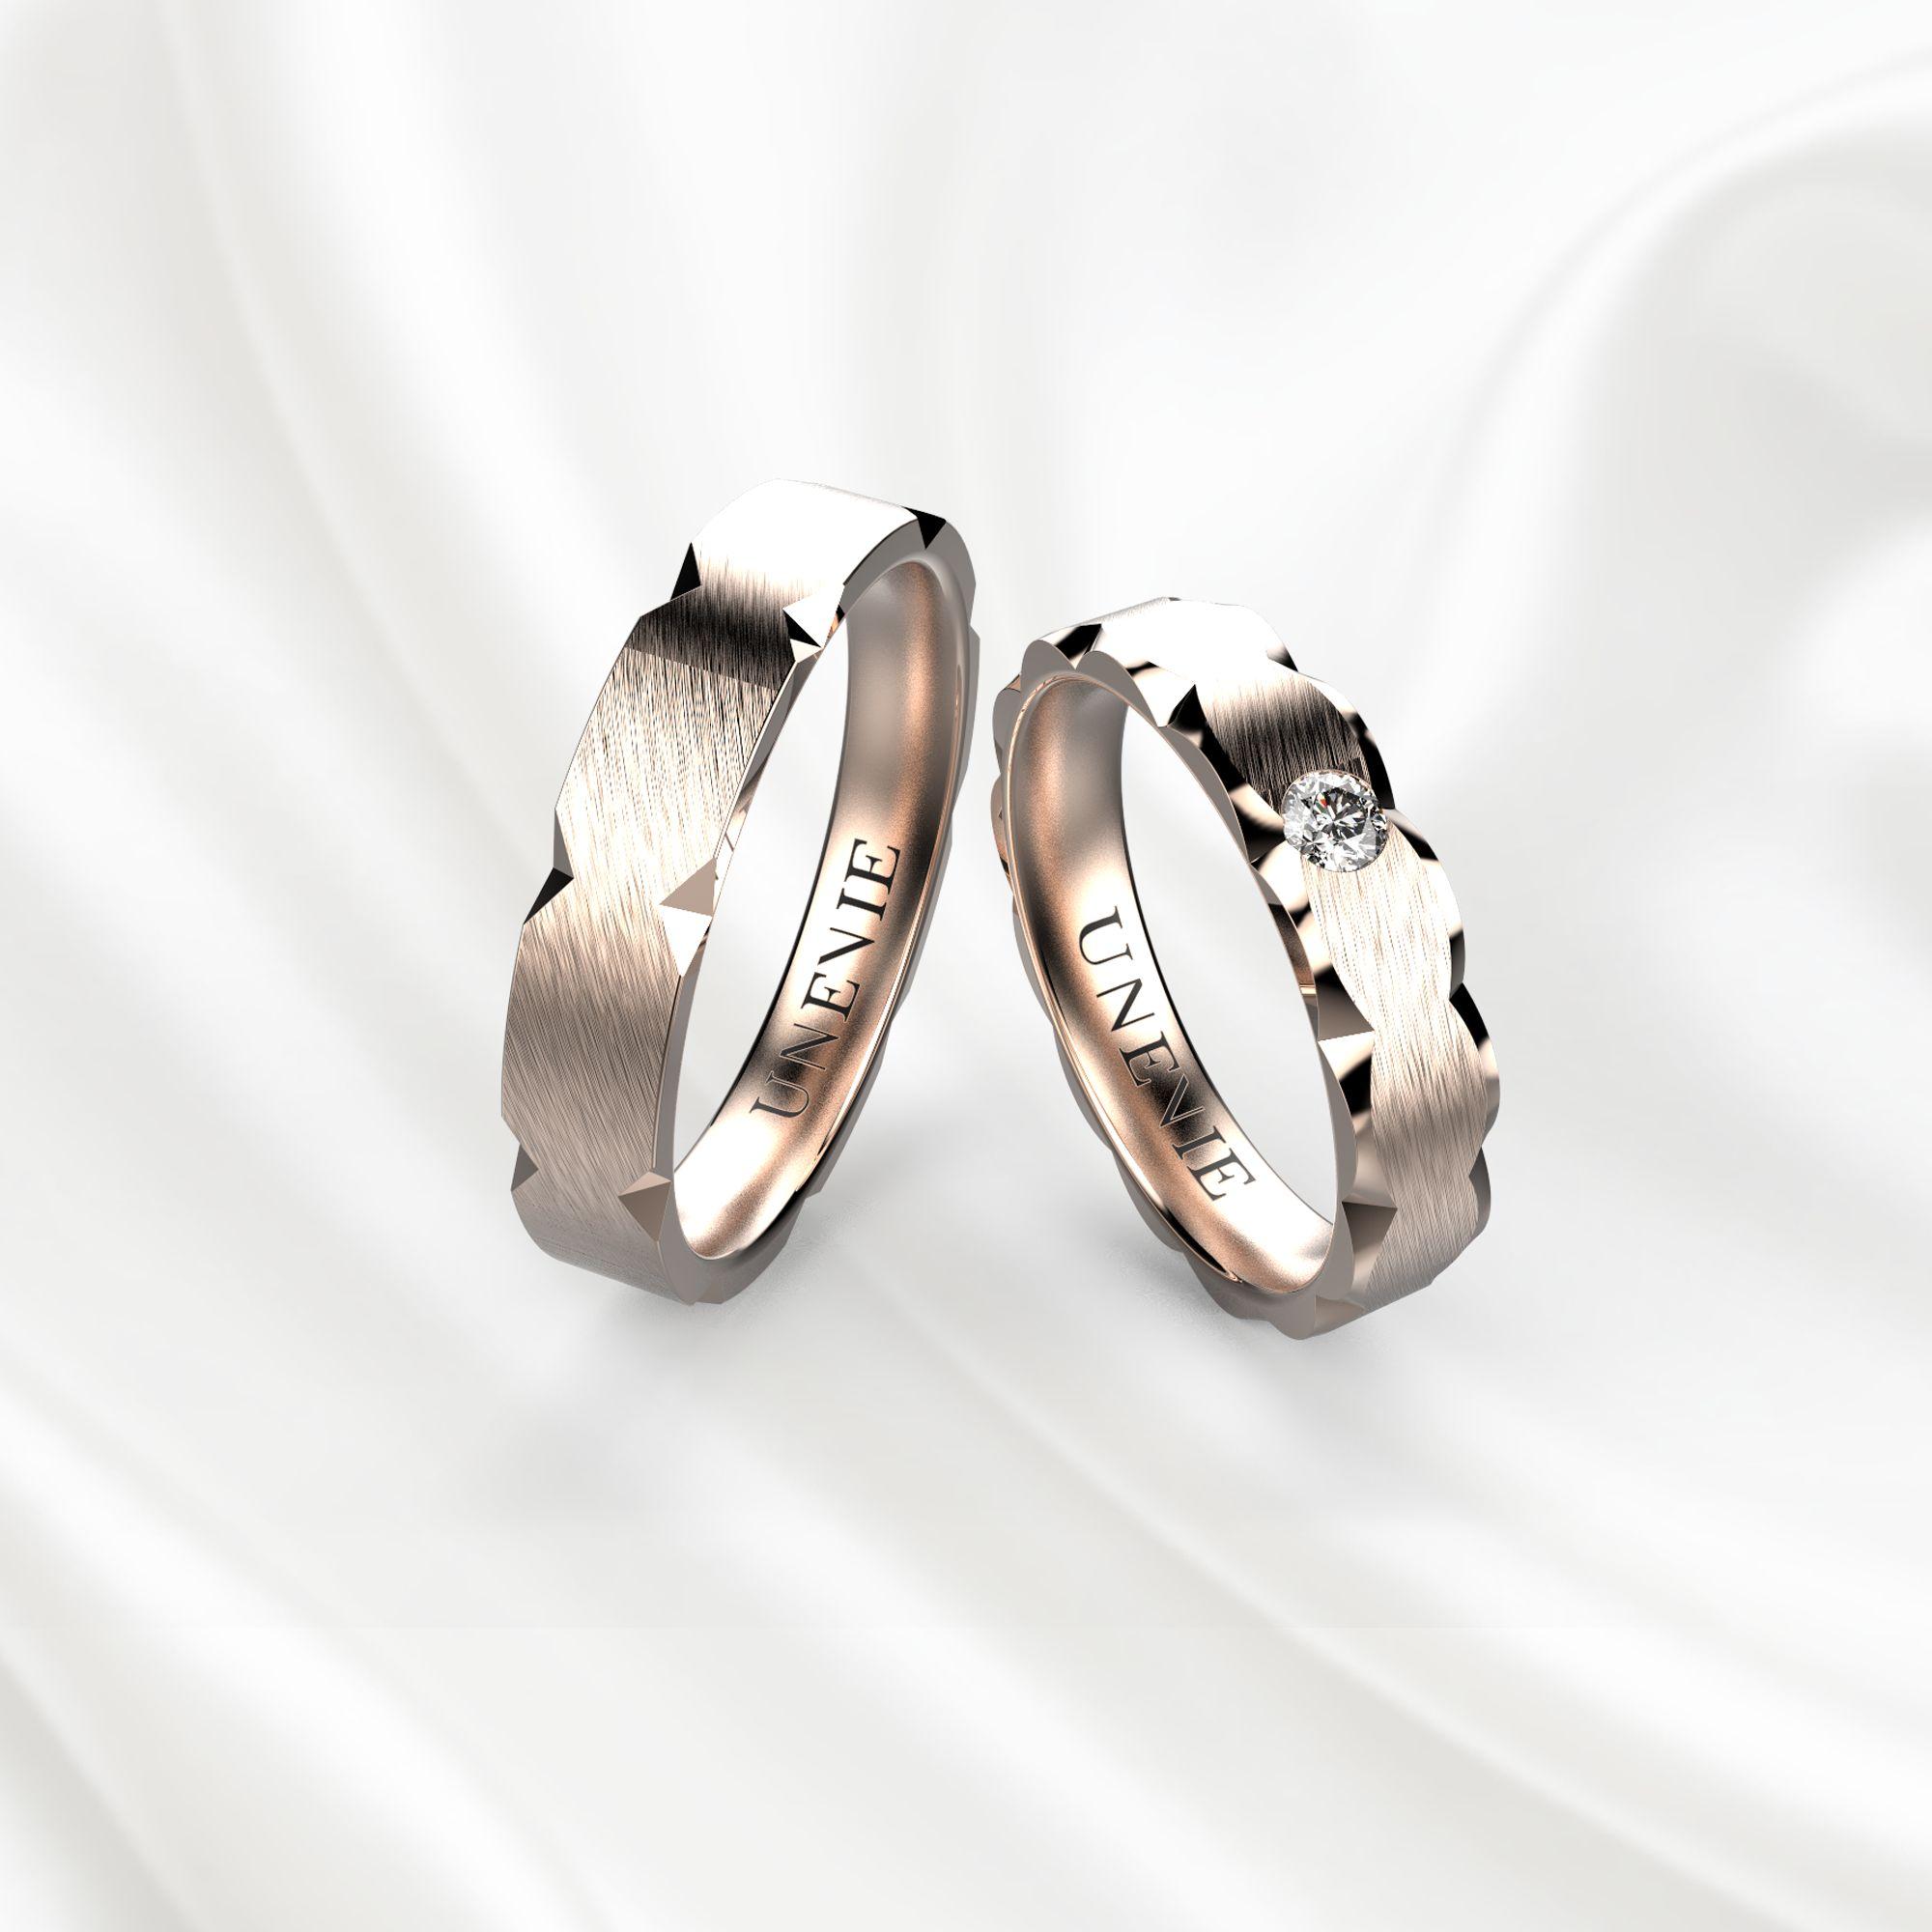 NV9 Обручальные кольца из розового золота